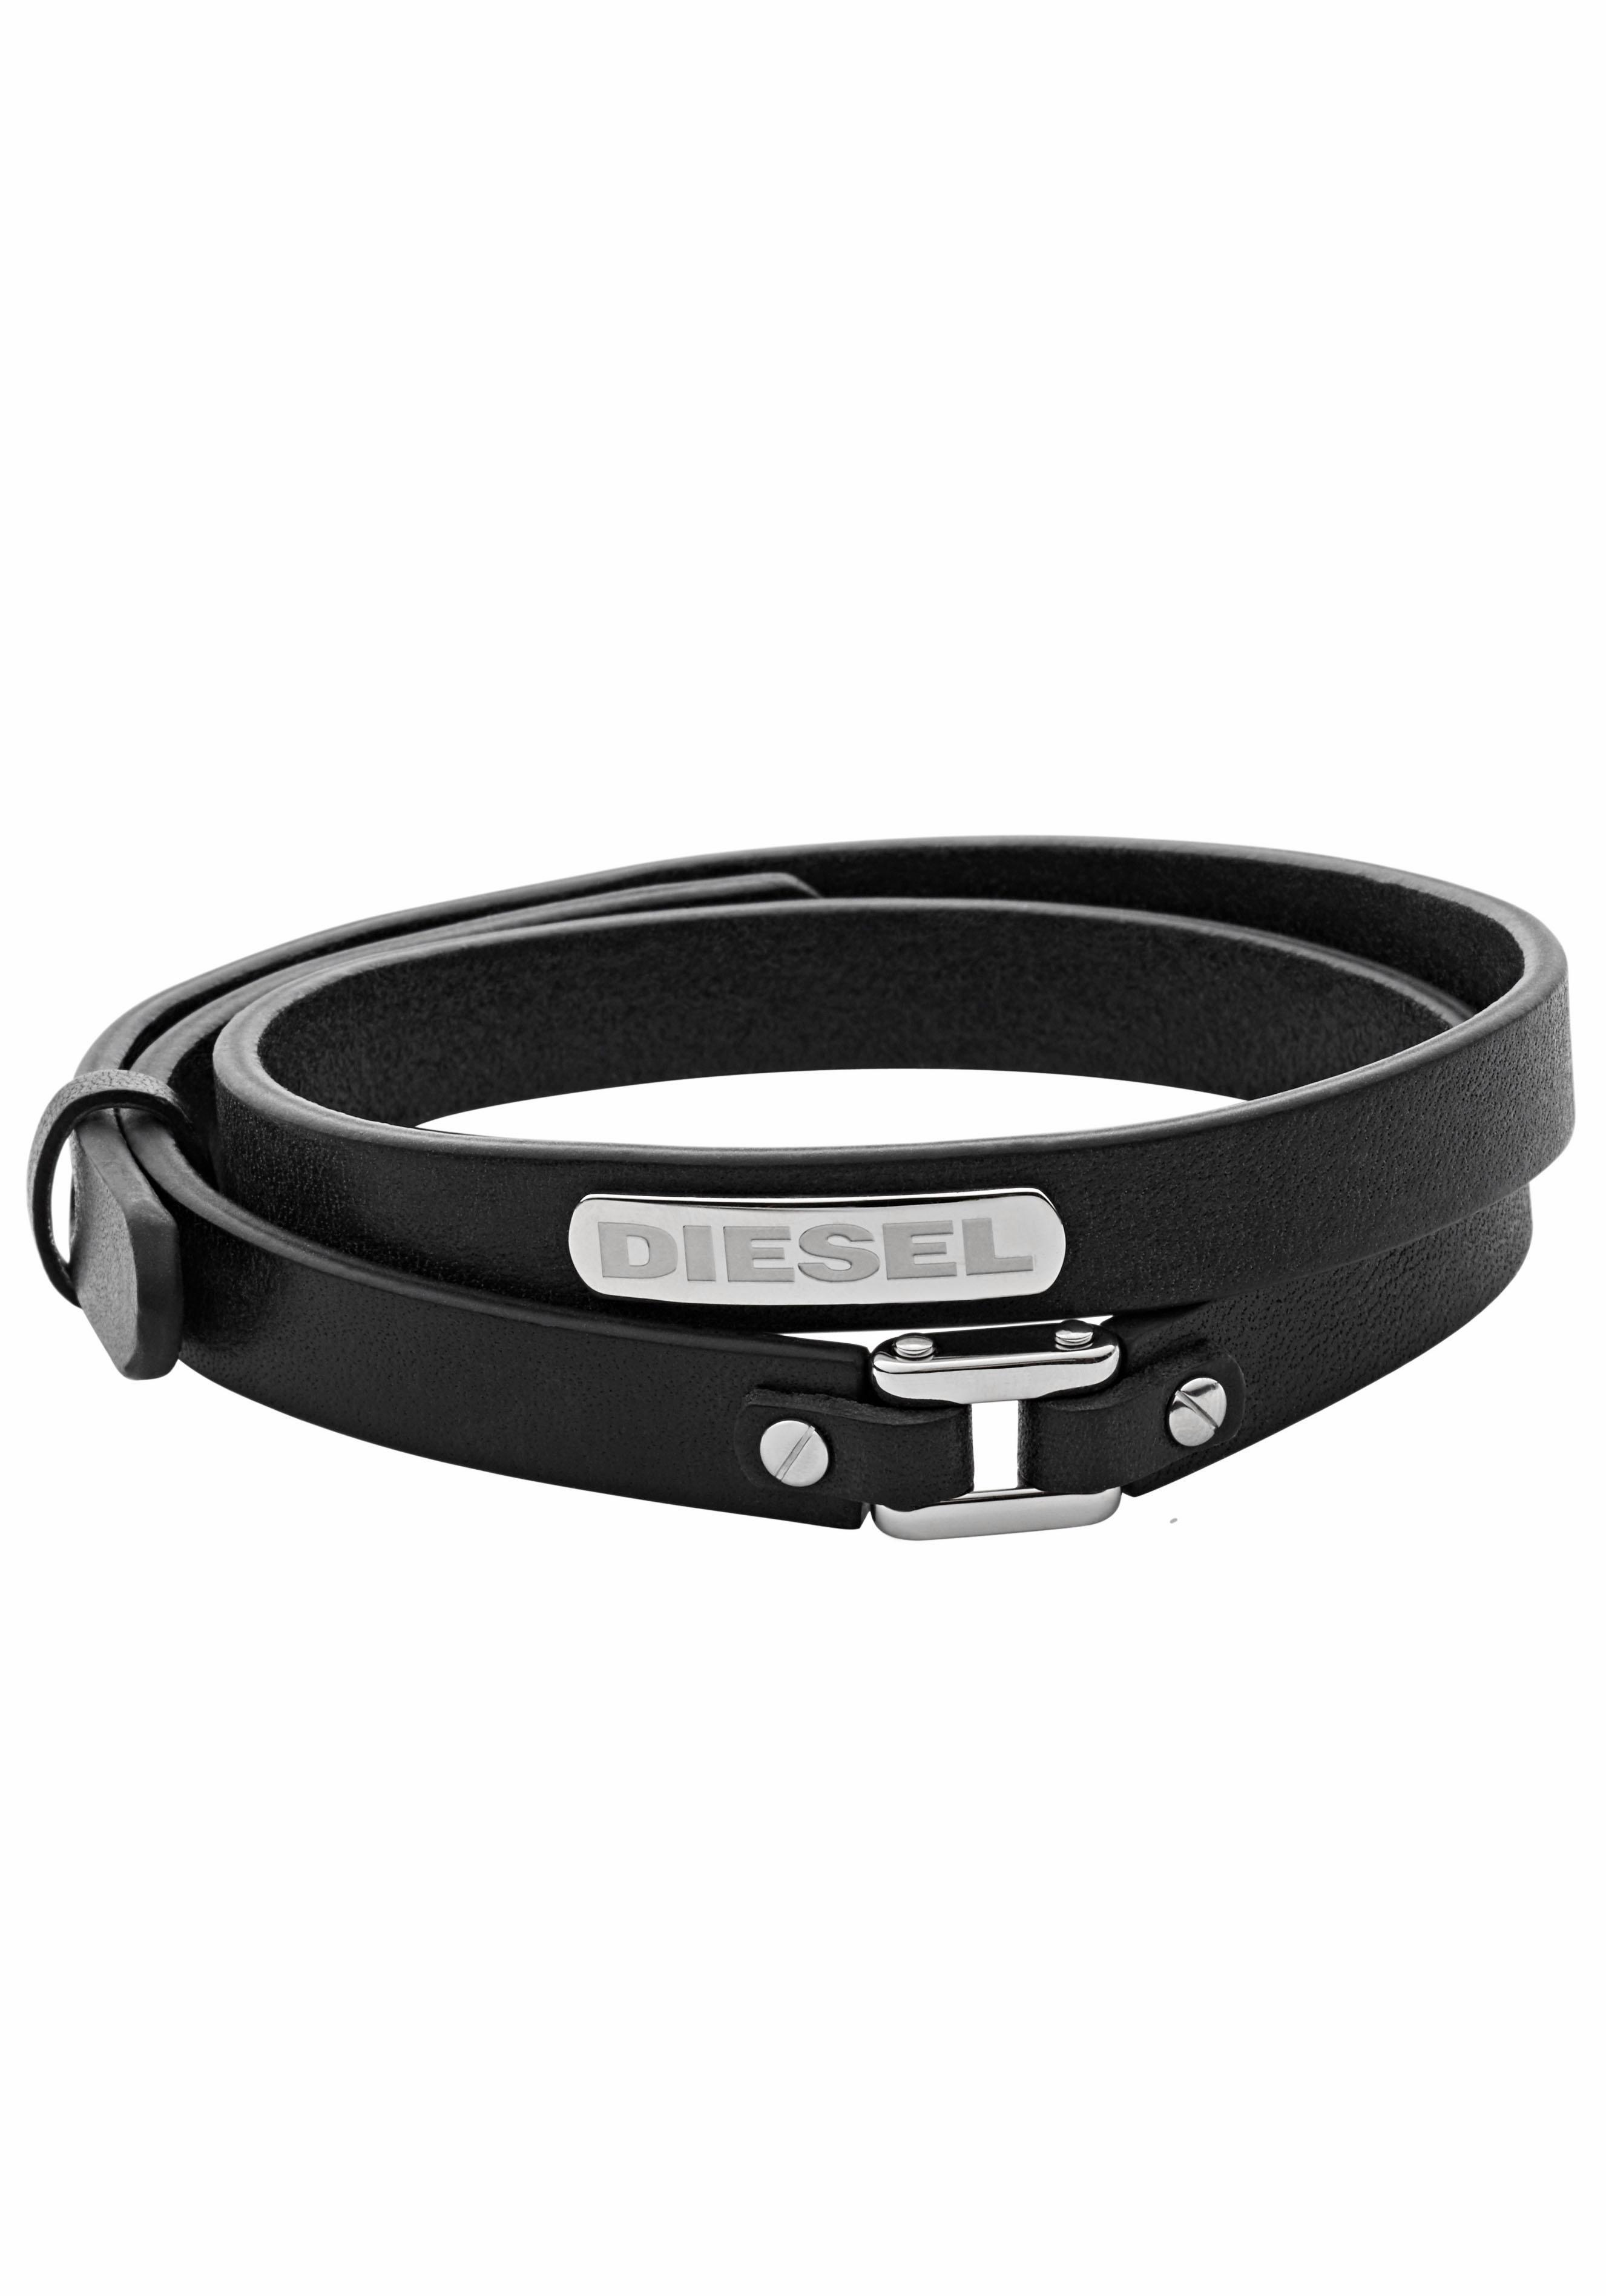 Diesel Wickelarmband STACKED DX0971040 | Schmuck > Armbänder > Wickelarmbänder | Schwarz | Diesel